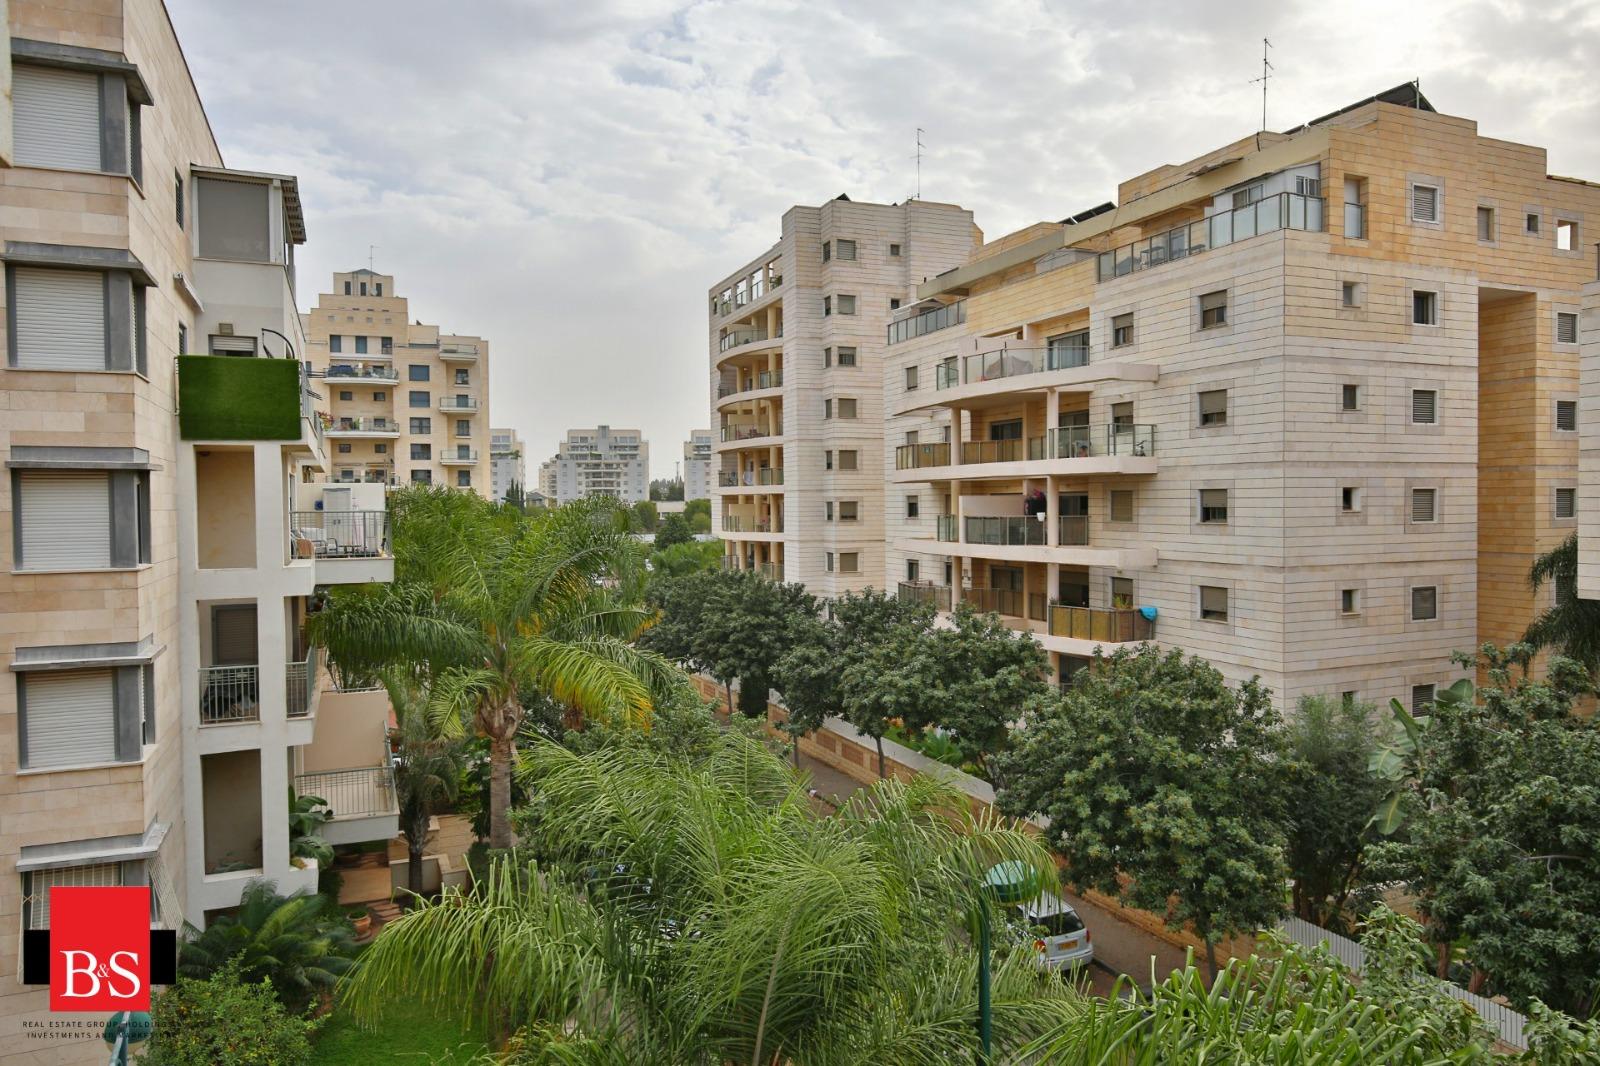 דירת 4 חדרים, רחוב שבטי ישראל, קרית השרון